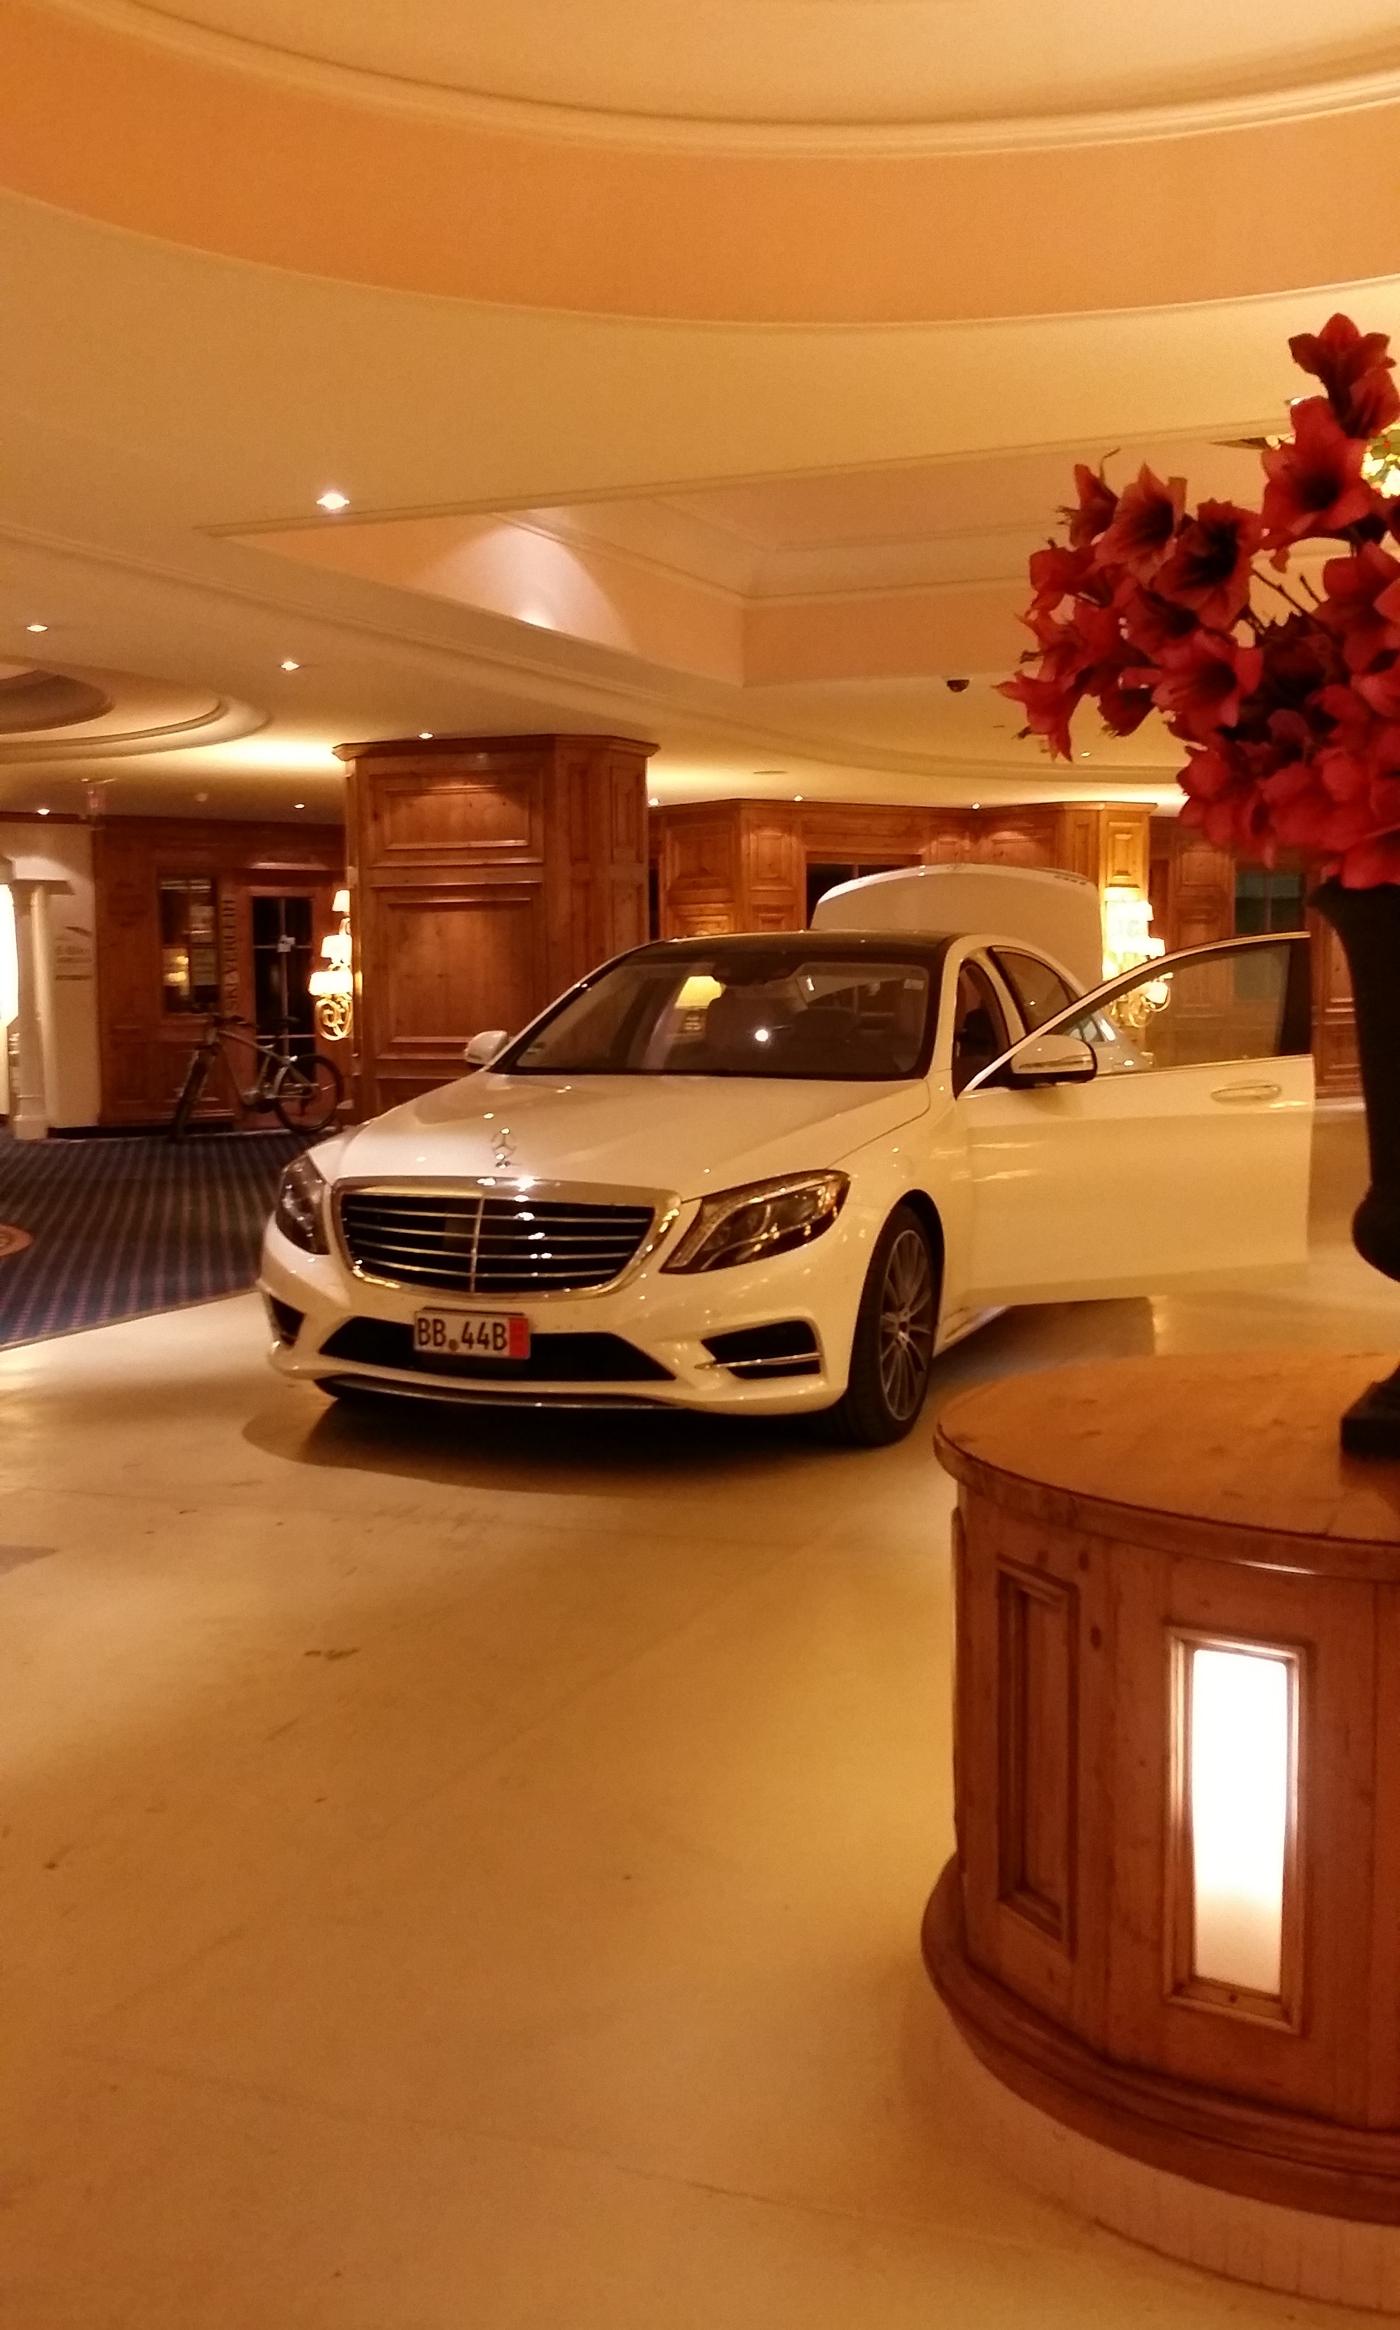 Einmal im leben holt man eine neue s klasse in for Mercedes benz european delivery